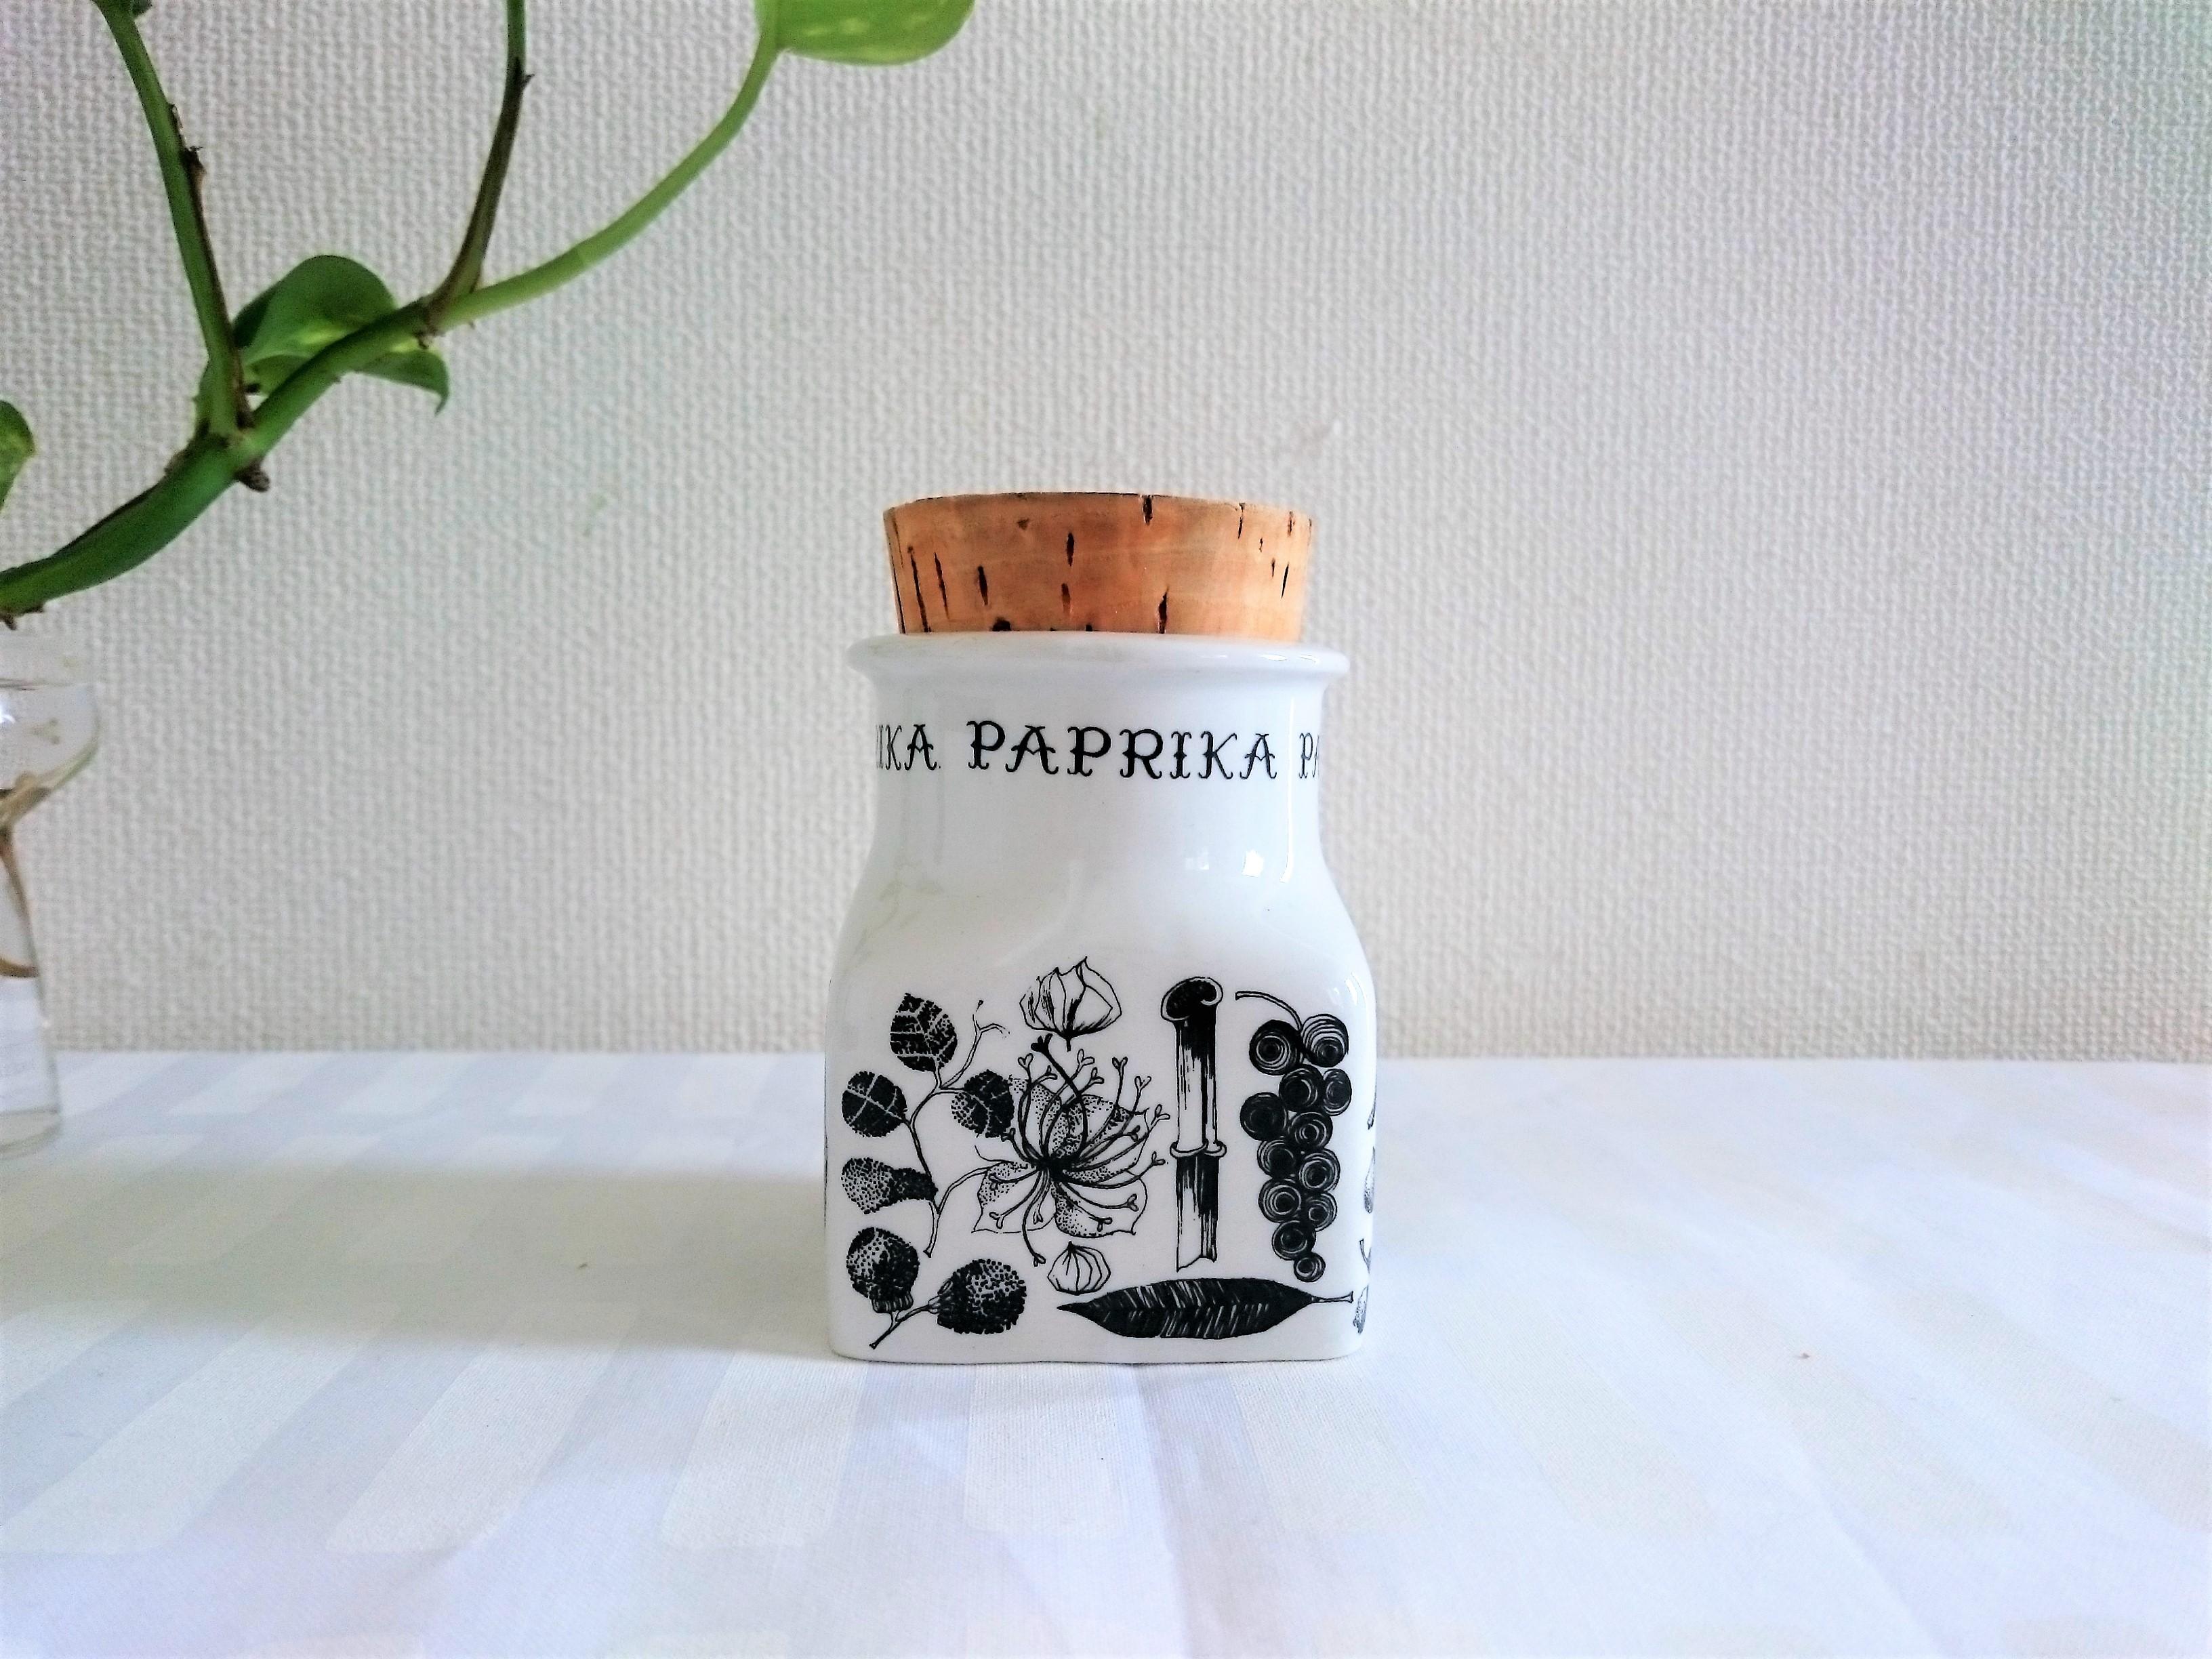 スパイスジャー / アラビアヴィンテージ / PAPRIKA パプリカ